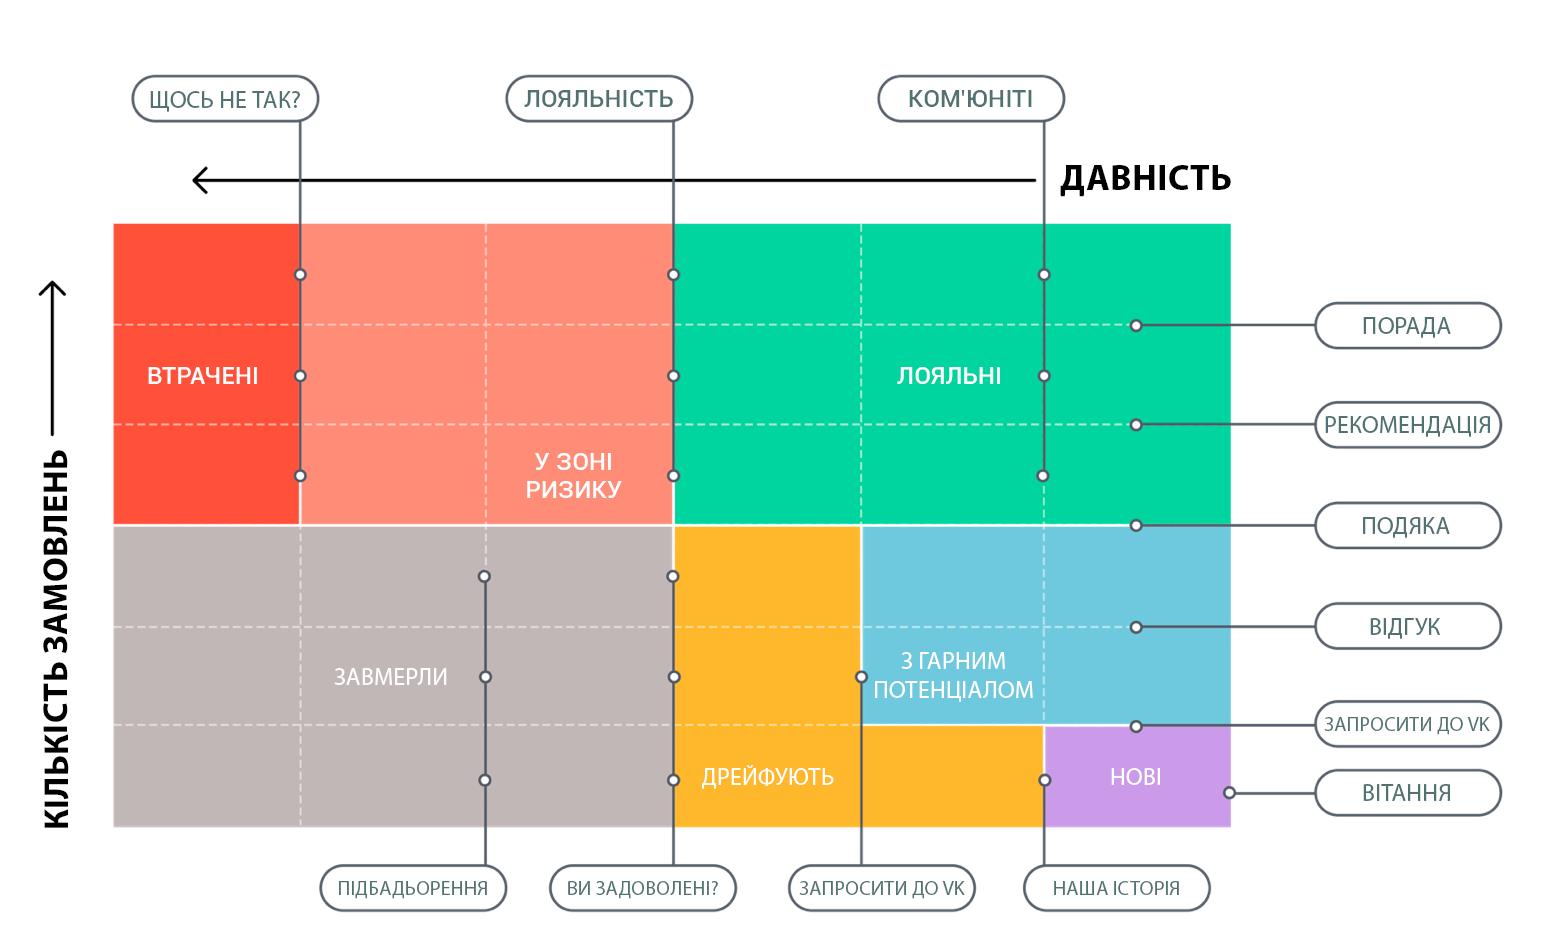 Схема комунікації з різними сегментами